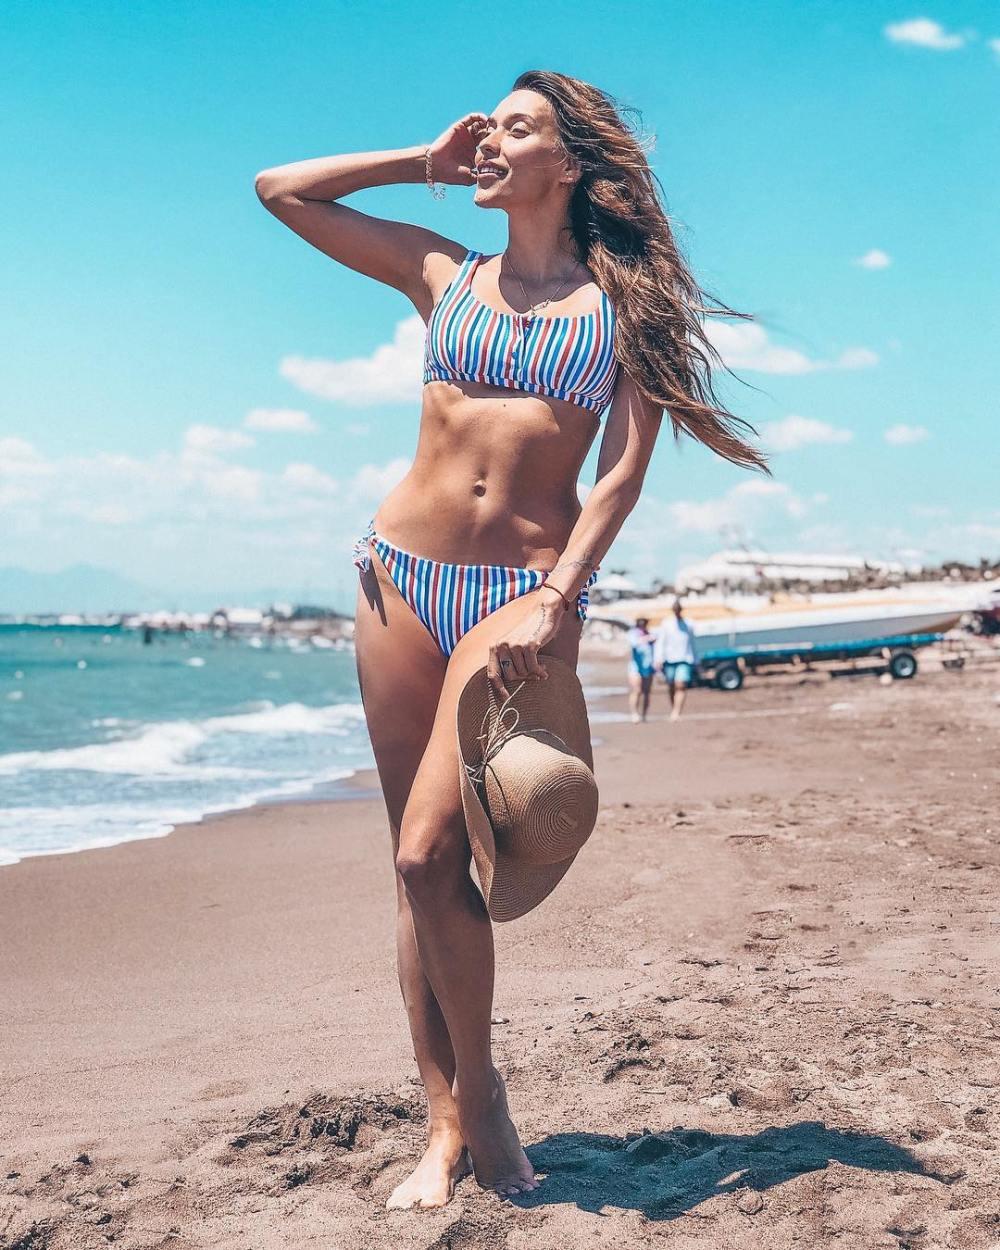 Тодоренко и Топалов возмутили подписчиков своими «неидеальными» фигурами на пляже